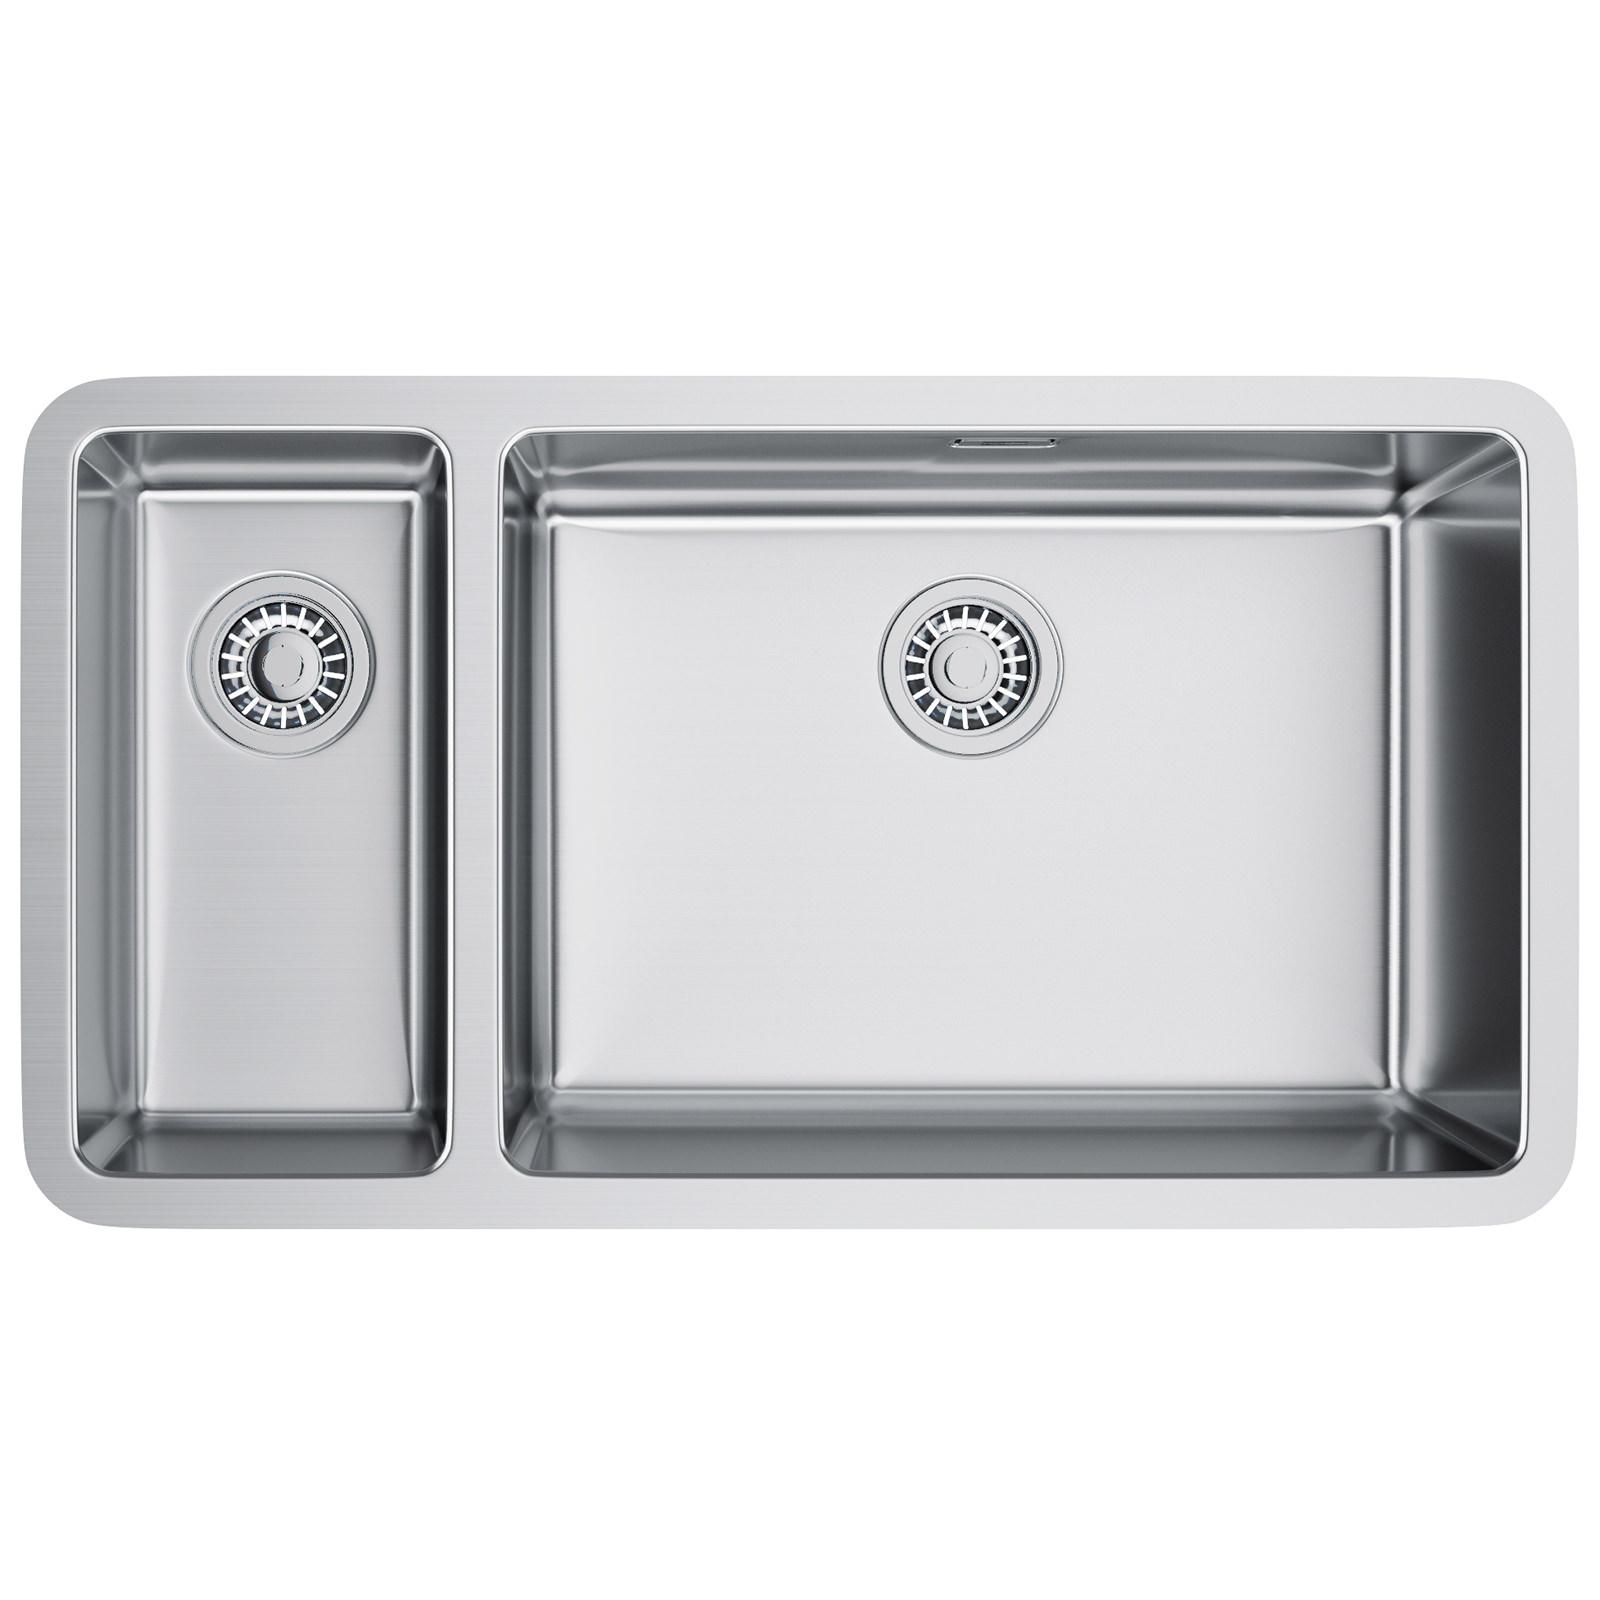 Franke kubus kbx 160 55 20 stainless steel 1 5 bowl for Franke sinks